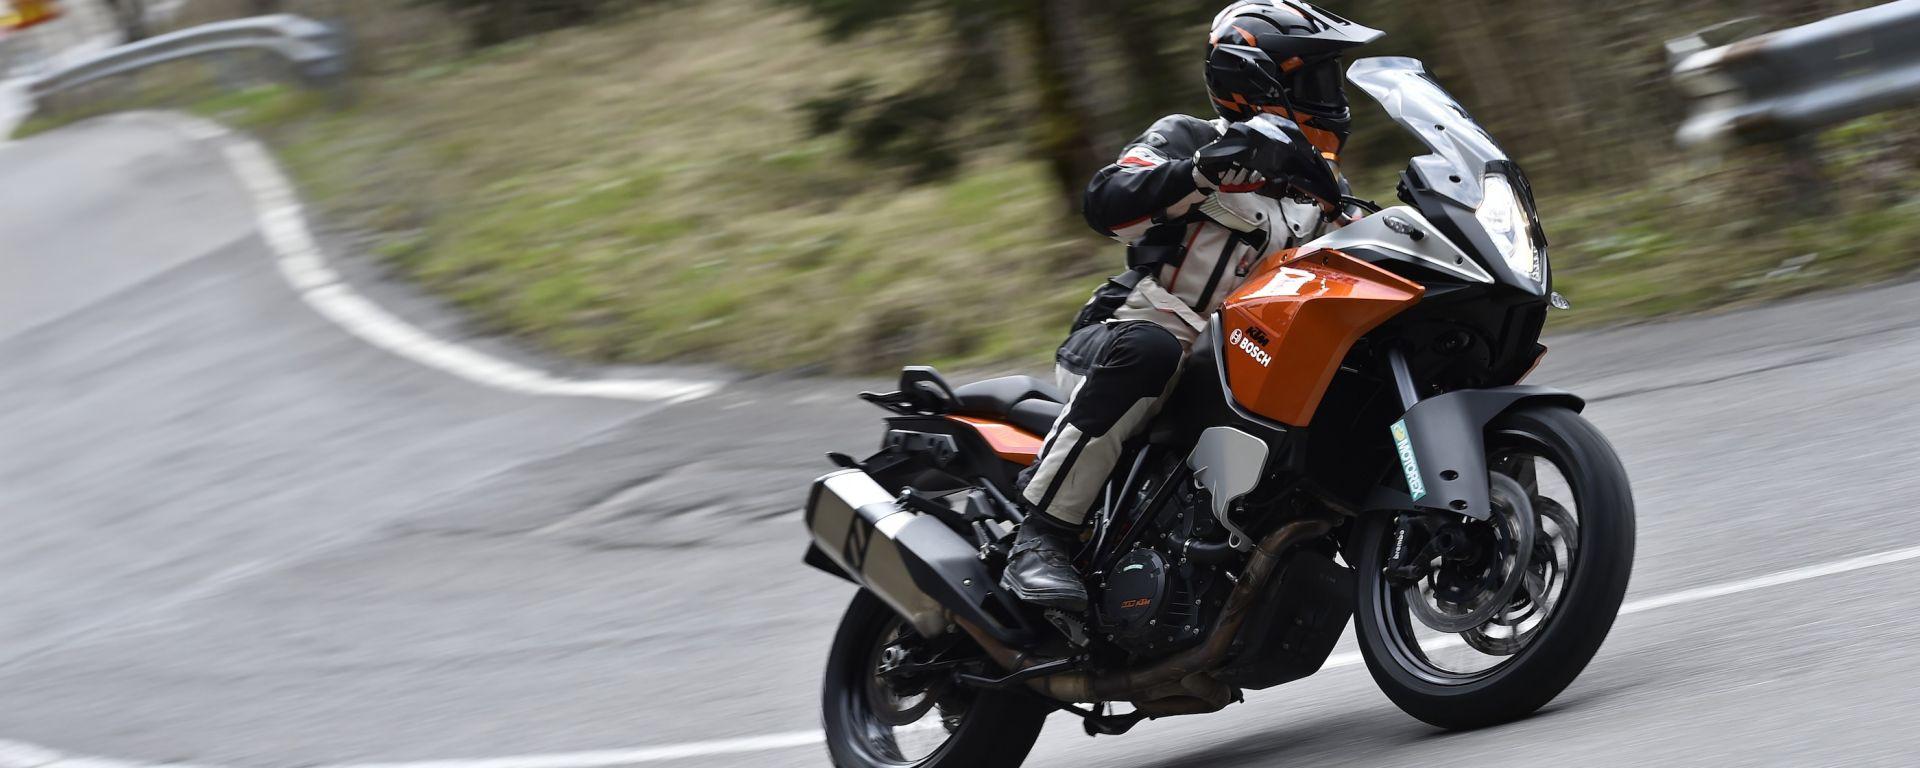 KTM: le quattro sfumature della gamma Adventure